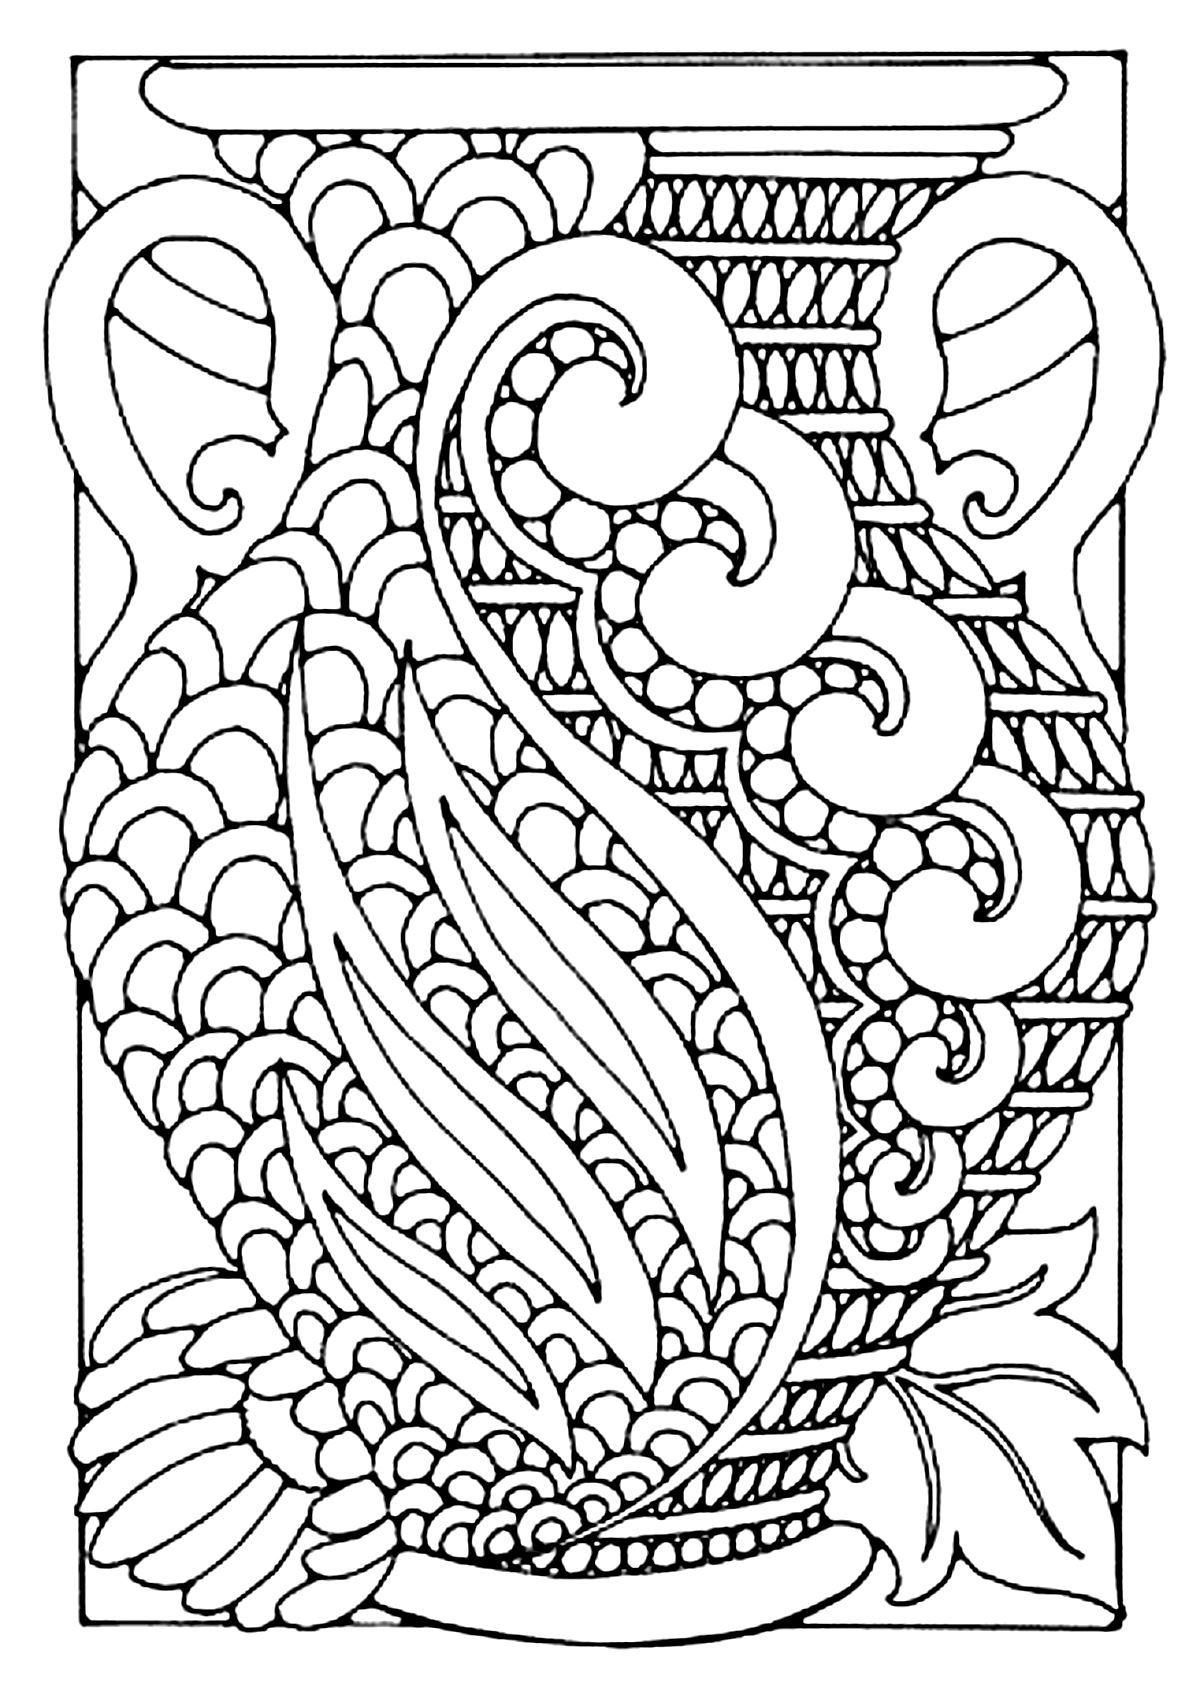 Galerie De Coloriages Gratuits Coloriage Adulte Vase Style